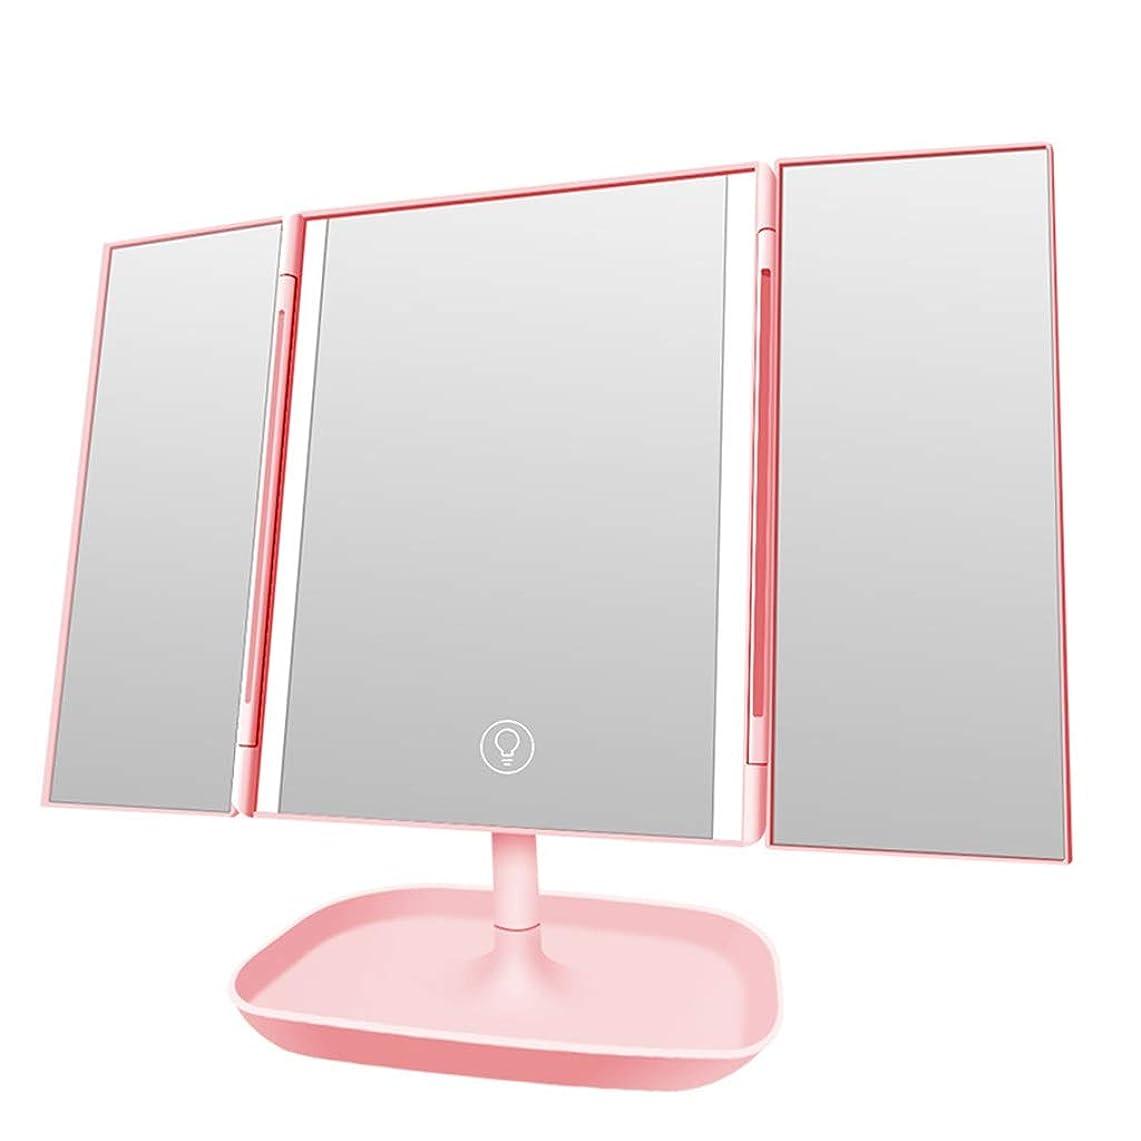 愛情動揺させるあなたはXJLXX デスクトップ折り畳まれた折り畳みミラー面は、ミラーを拡大3つのメイクアップを発光LED メイクアップミラー (Color : Pink)